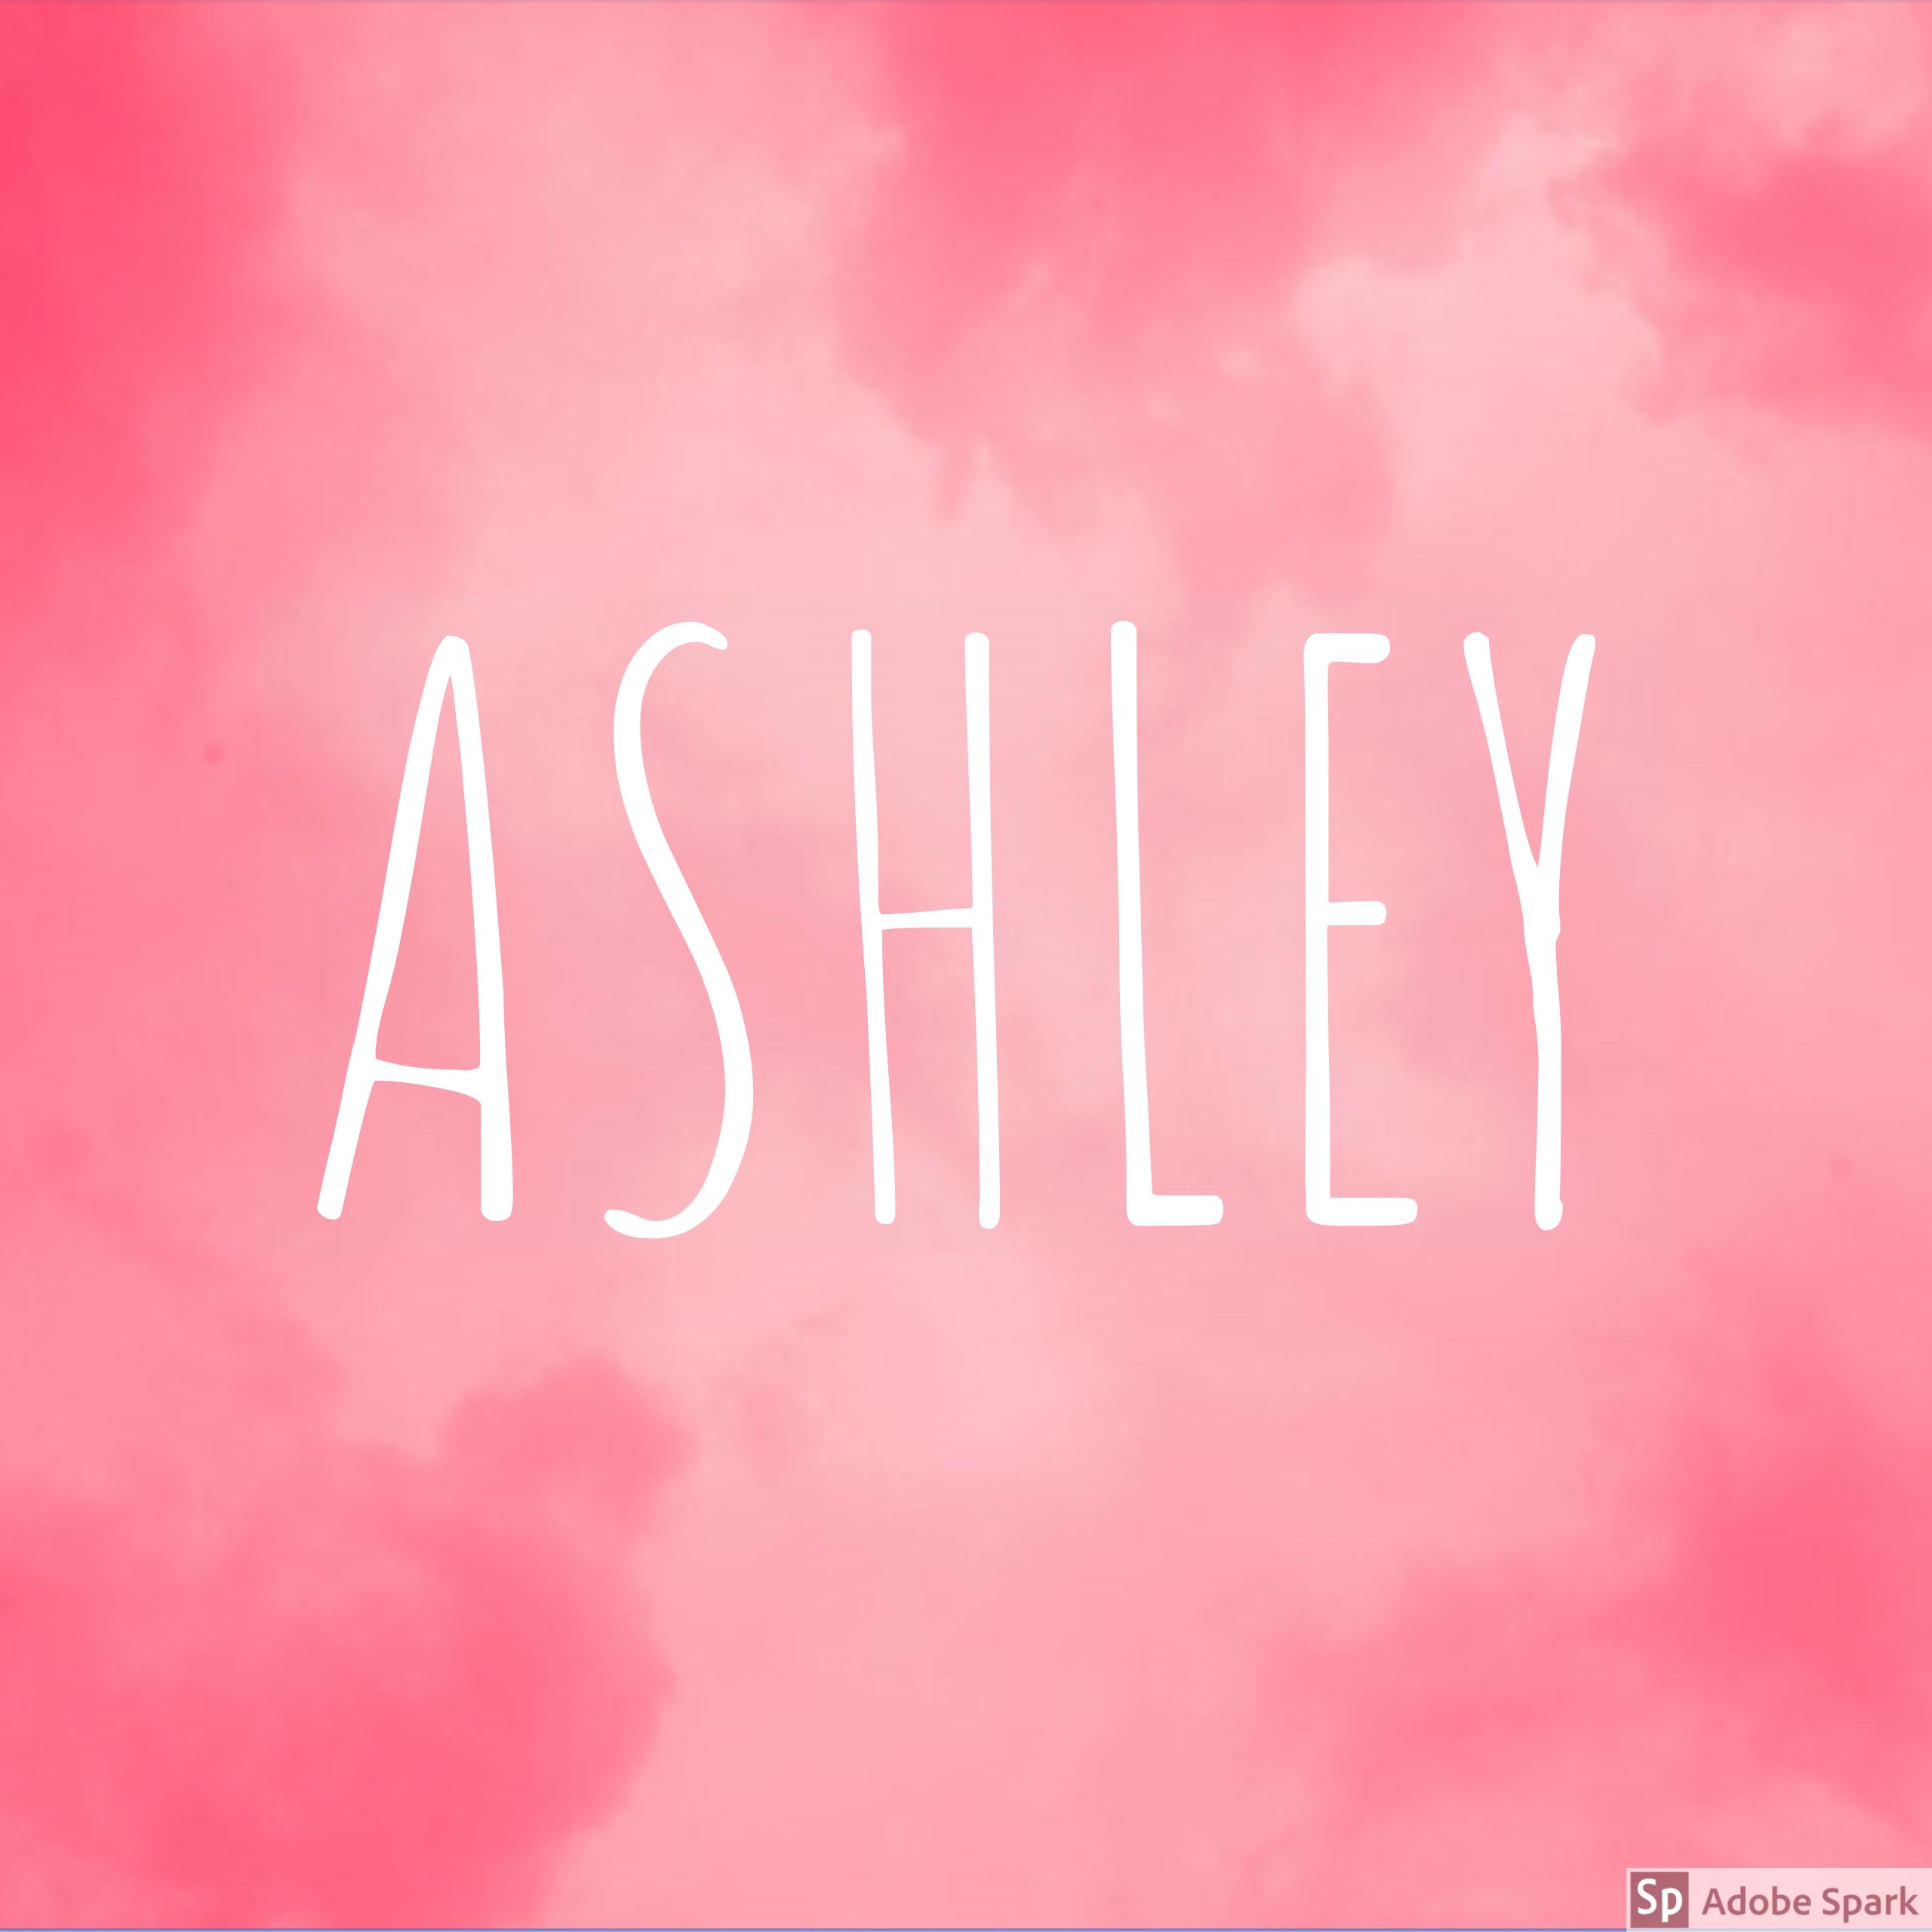 Ashley Wallpaper Ashley Name Name Wallpaper Instagram Aesthetic